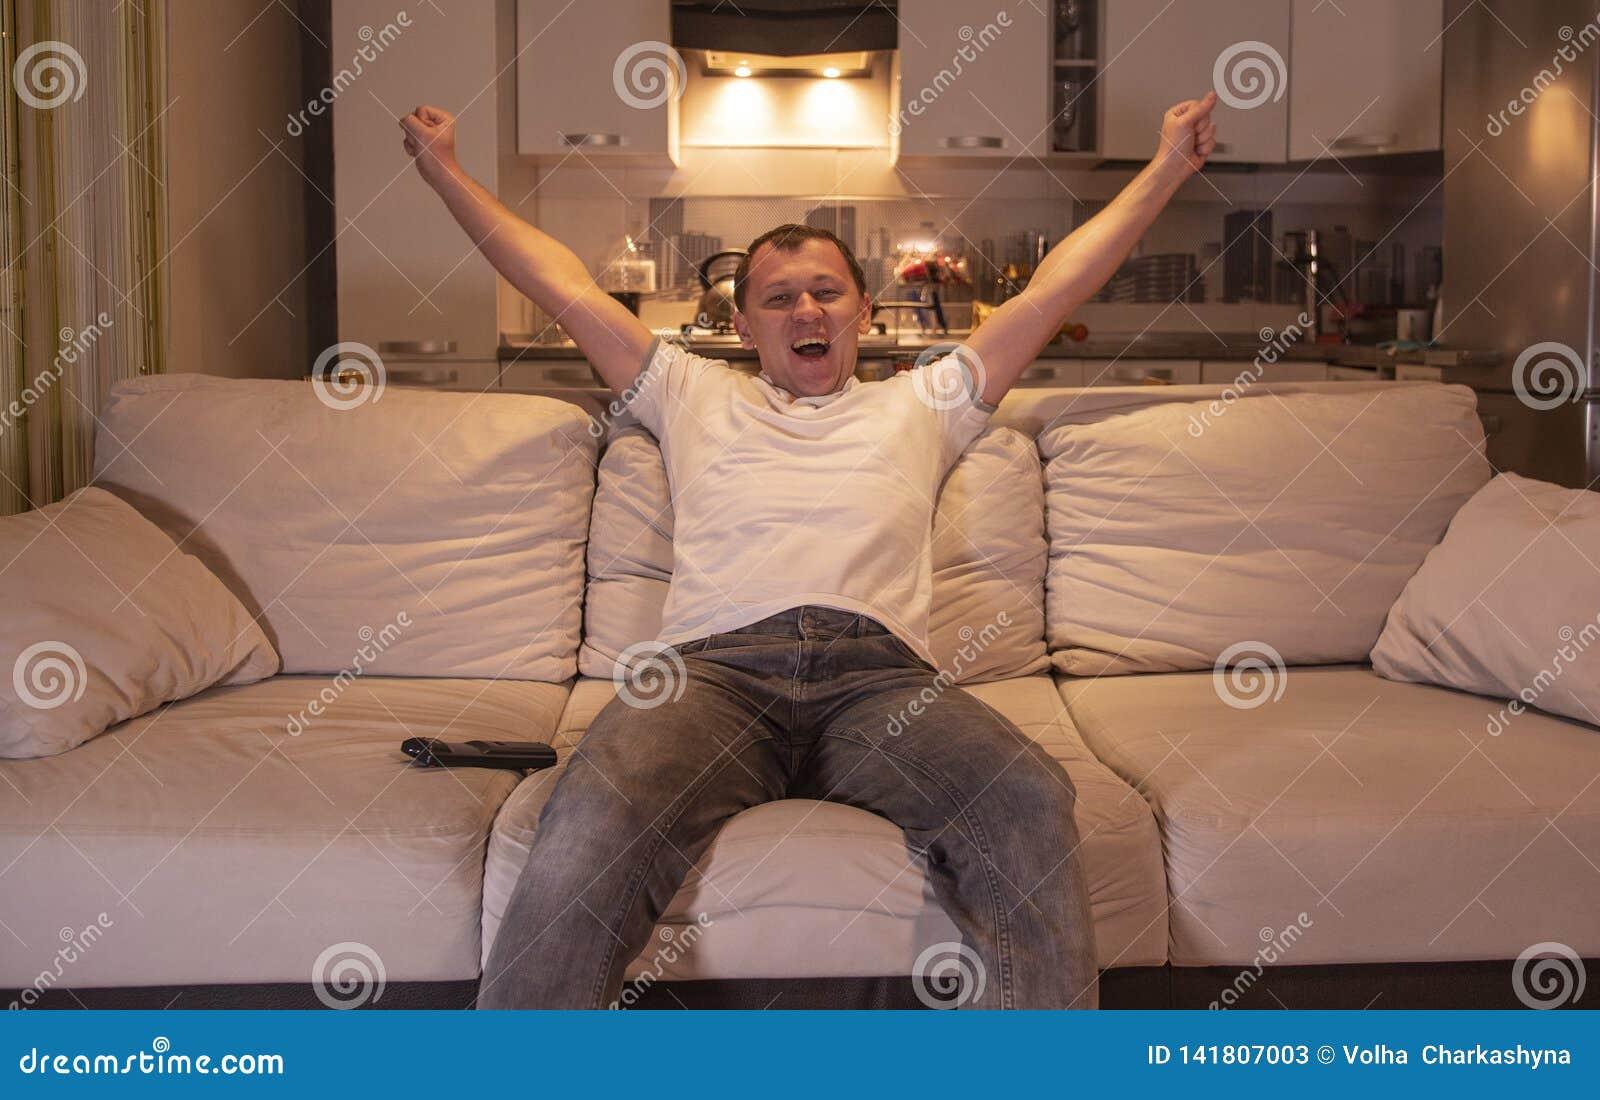 Человек смотря игру дома сидеть на софе в вечере по телевизору, поддерживает футбольную команду, радуется цель